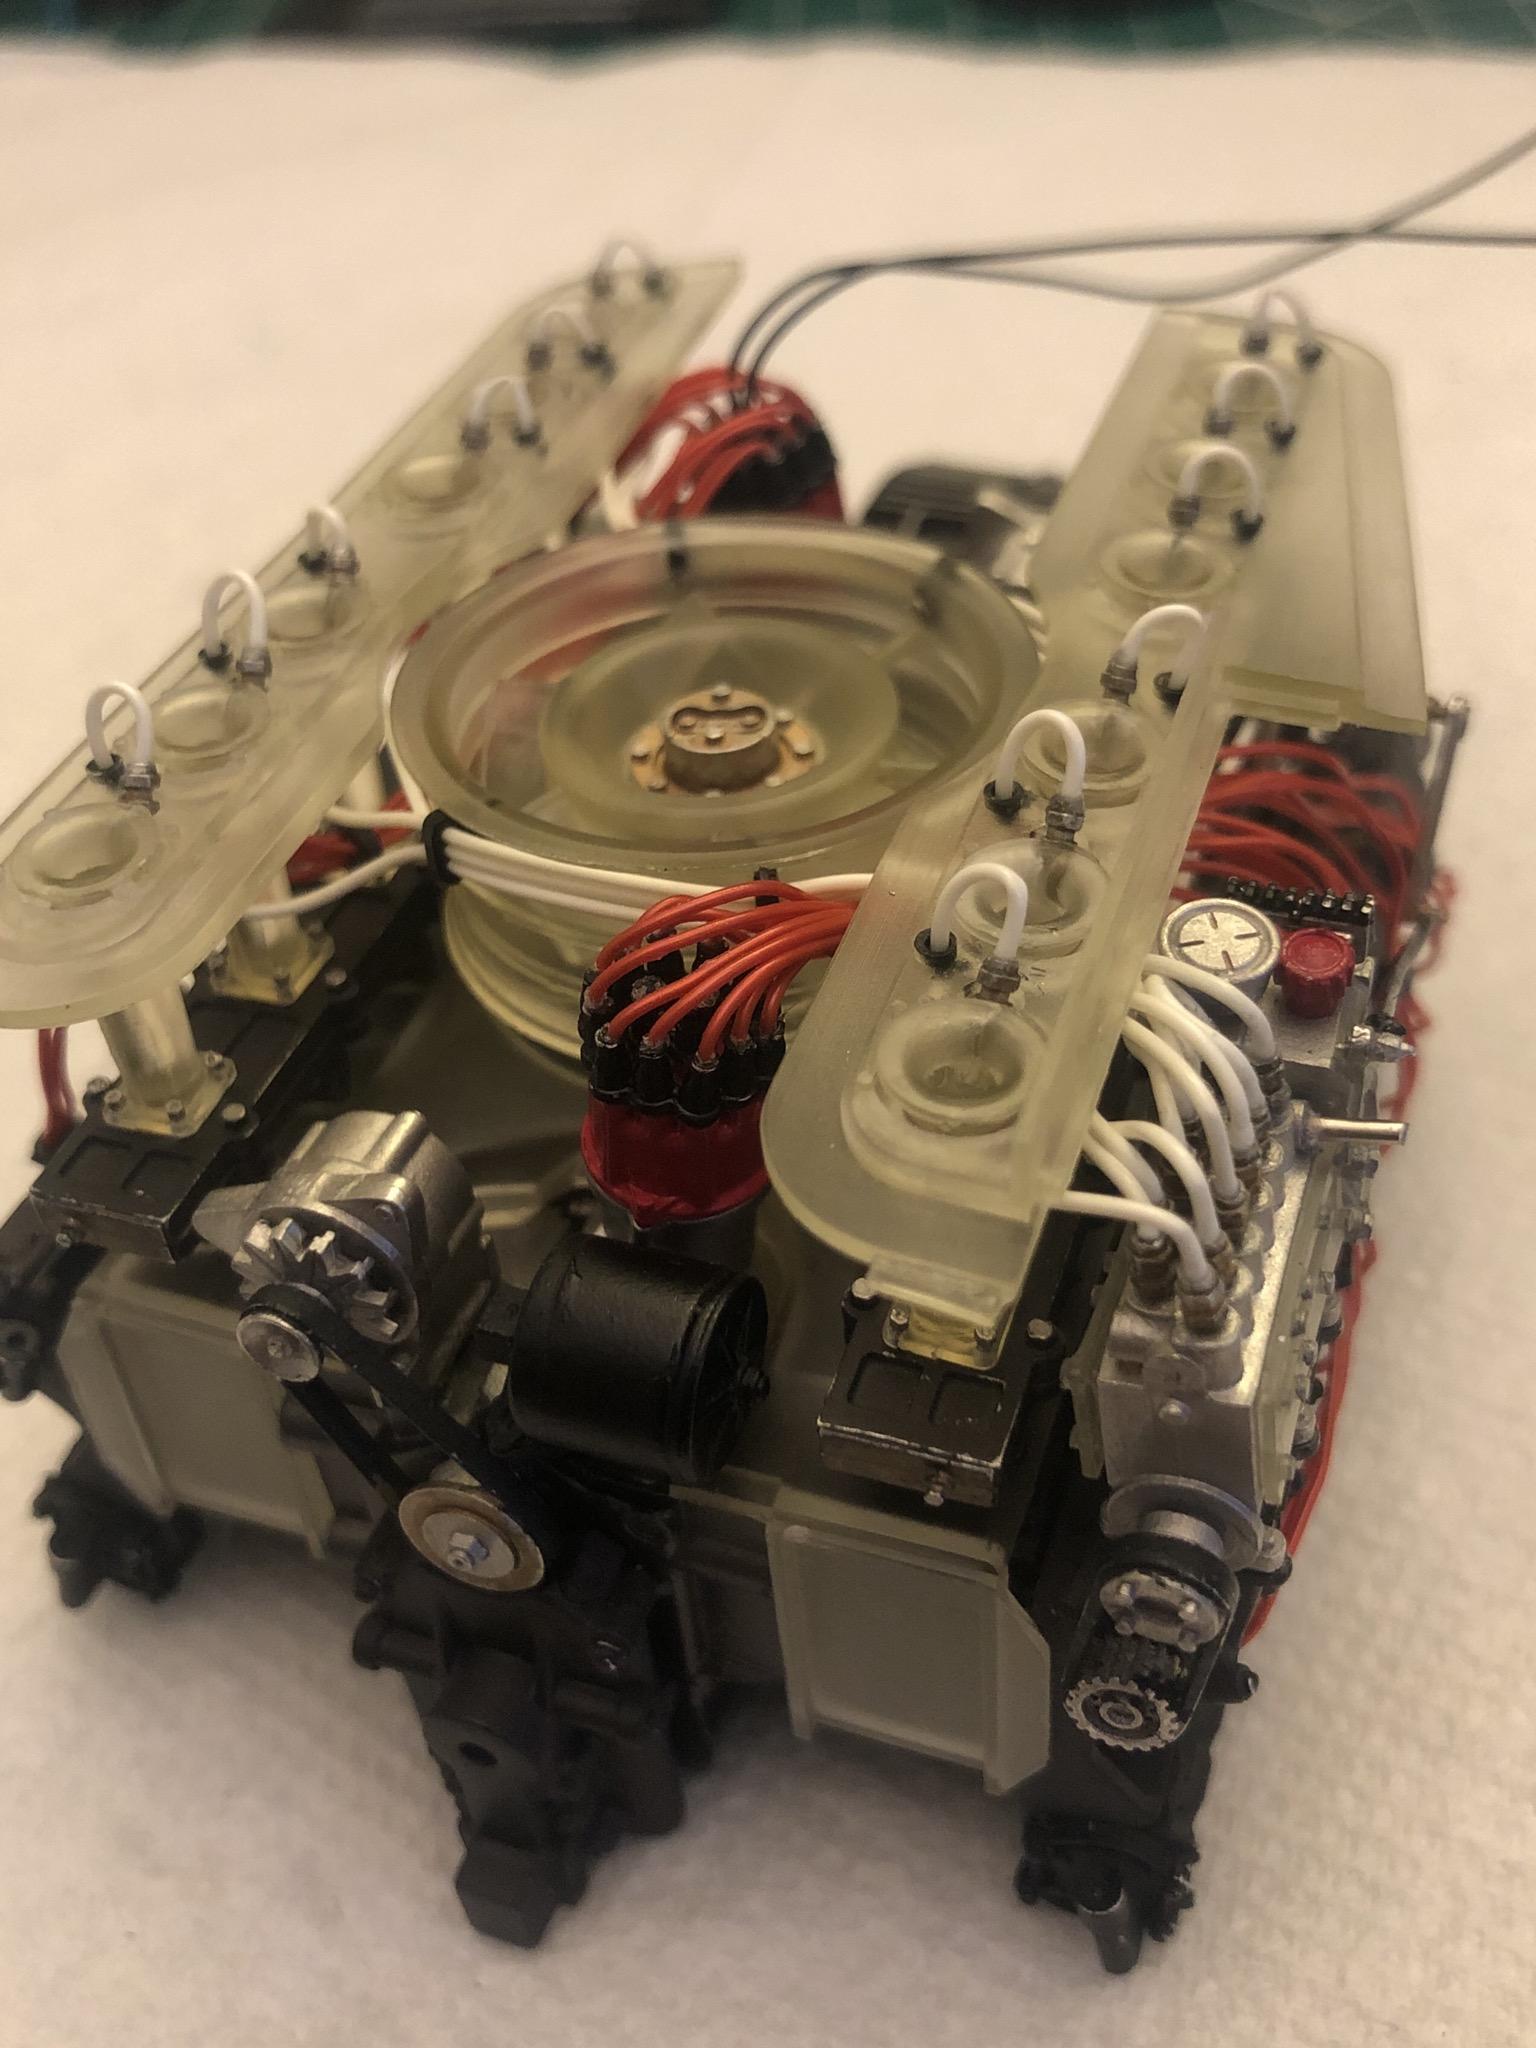 EE9CB793-85C5-469C-A068-F25D46A60523.jpeg